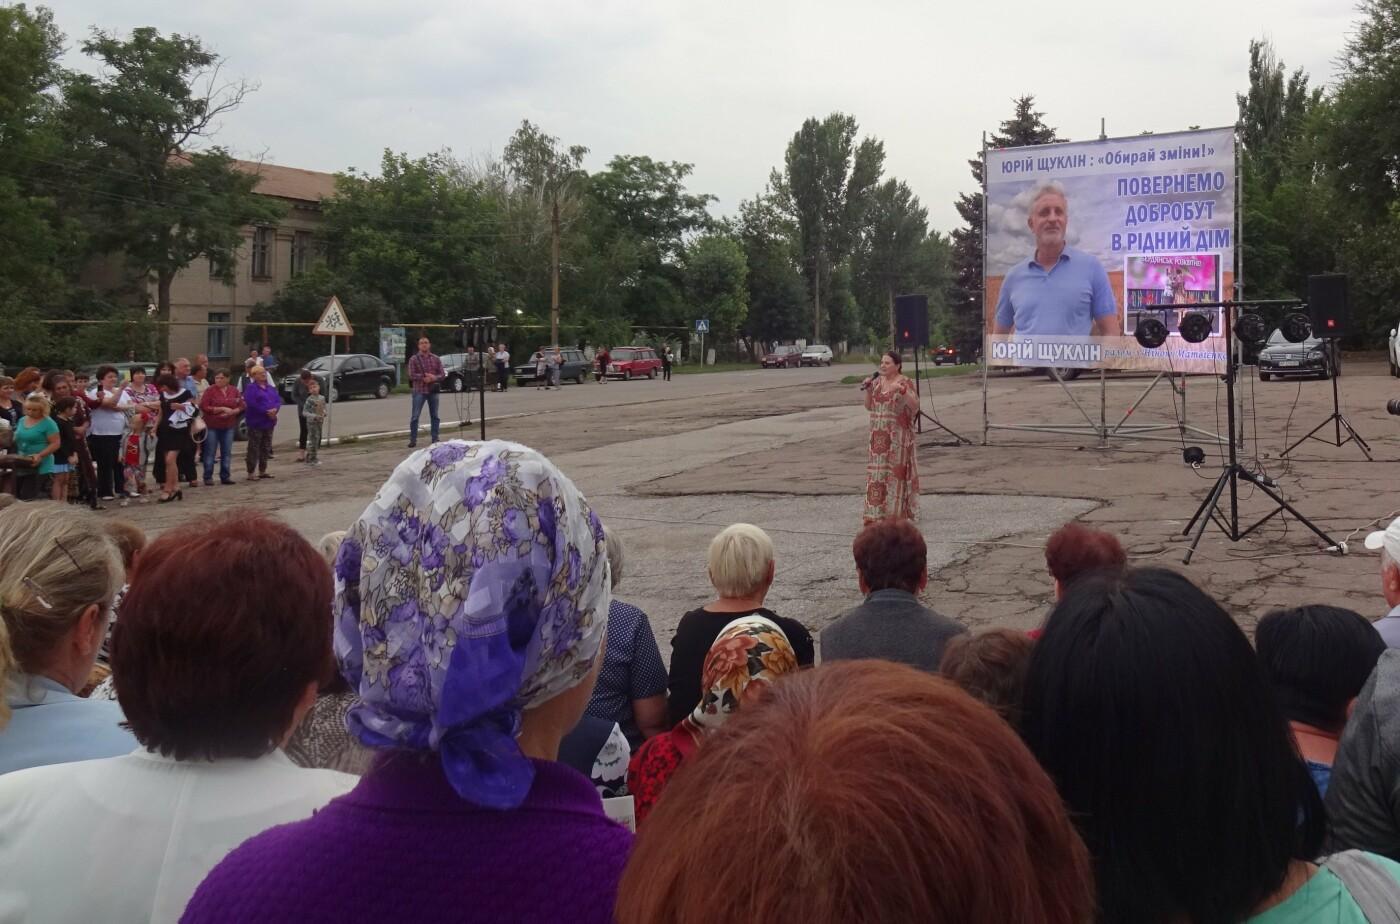 Ніна Матвієнко в Андріївці: ми - господарі на нашій землі, і зміни залежать від кожного з нас, фото-2